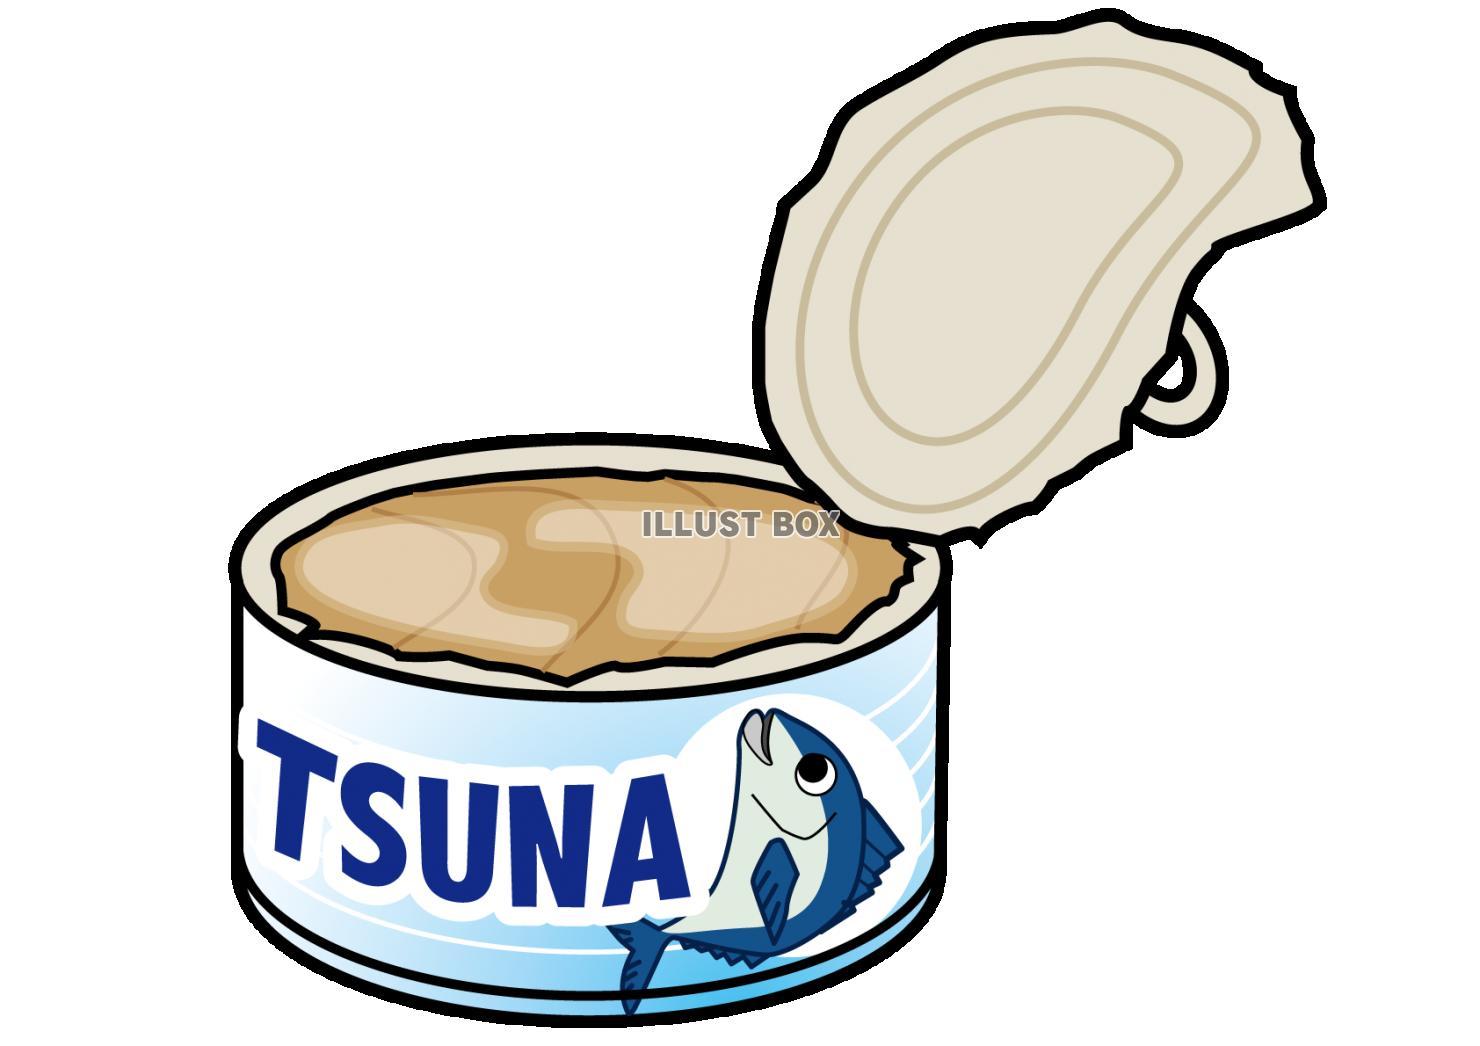 無料イラスト ふたの空いたツナ缶